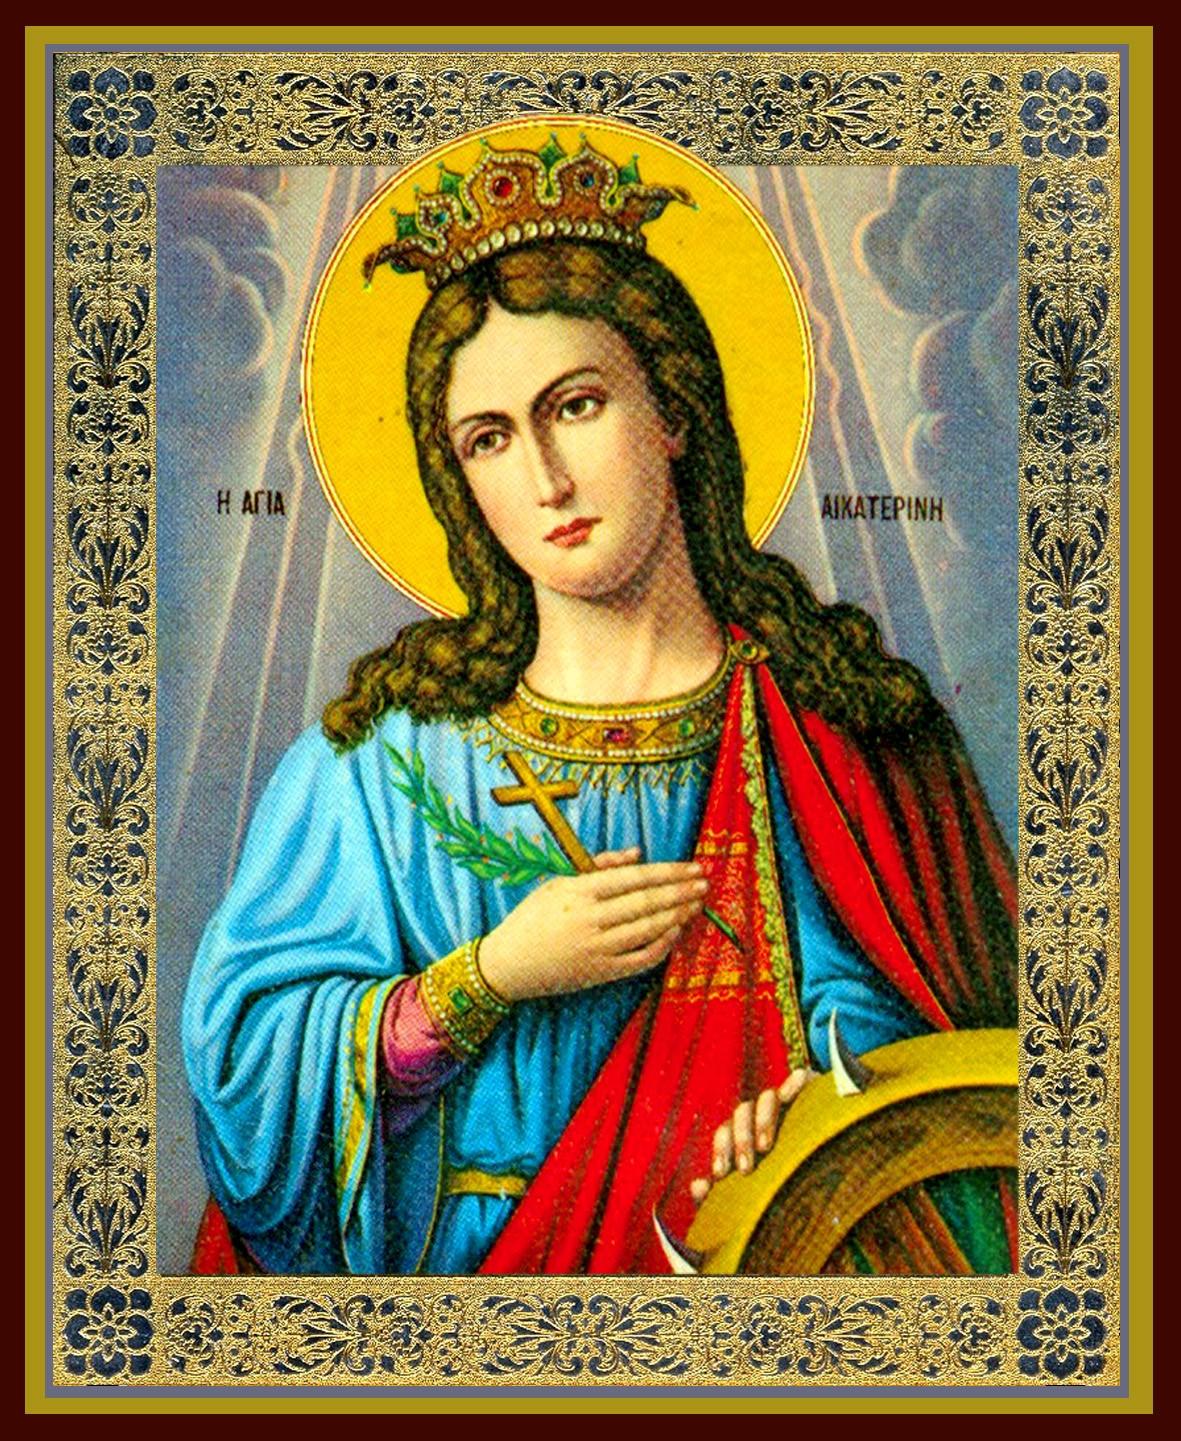 Доклад о екатерине святой 7859